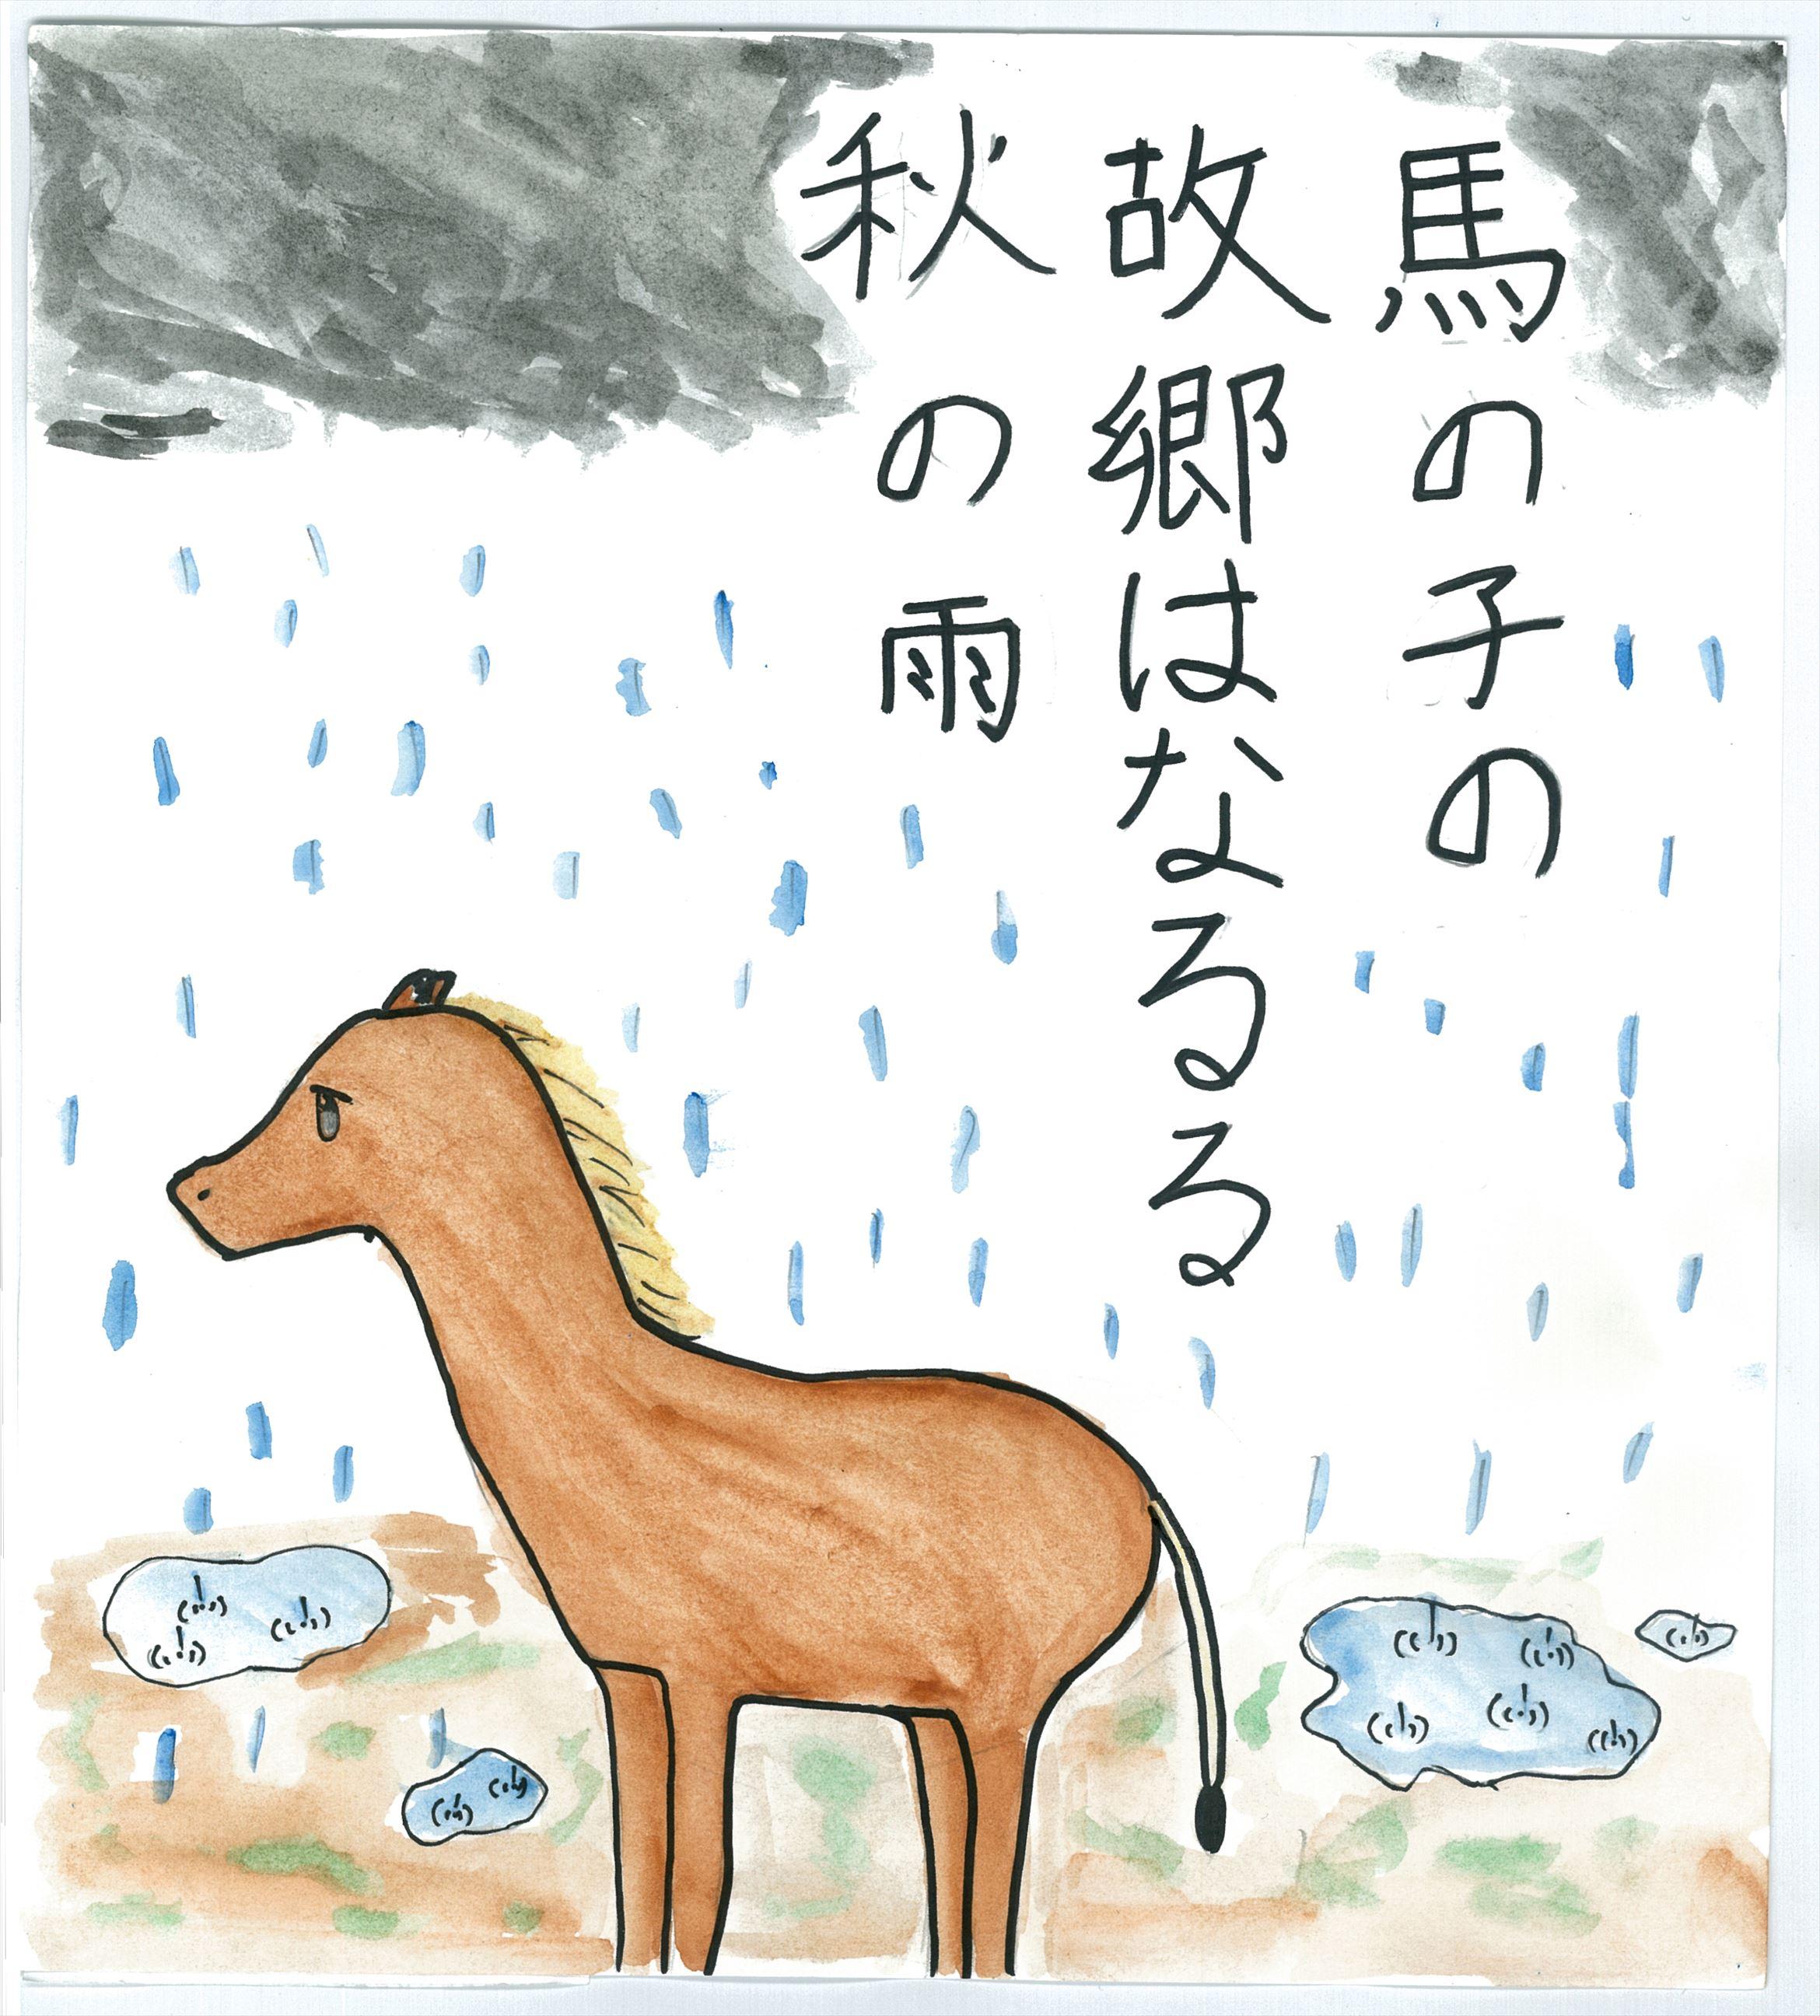 馬の子の故郷はなるる秋の雨